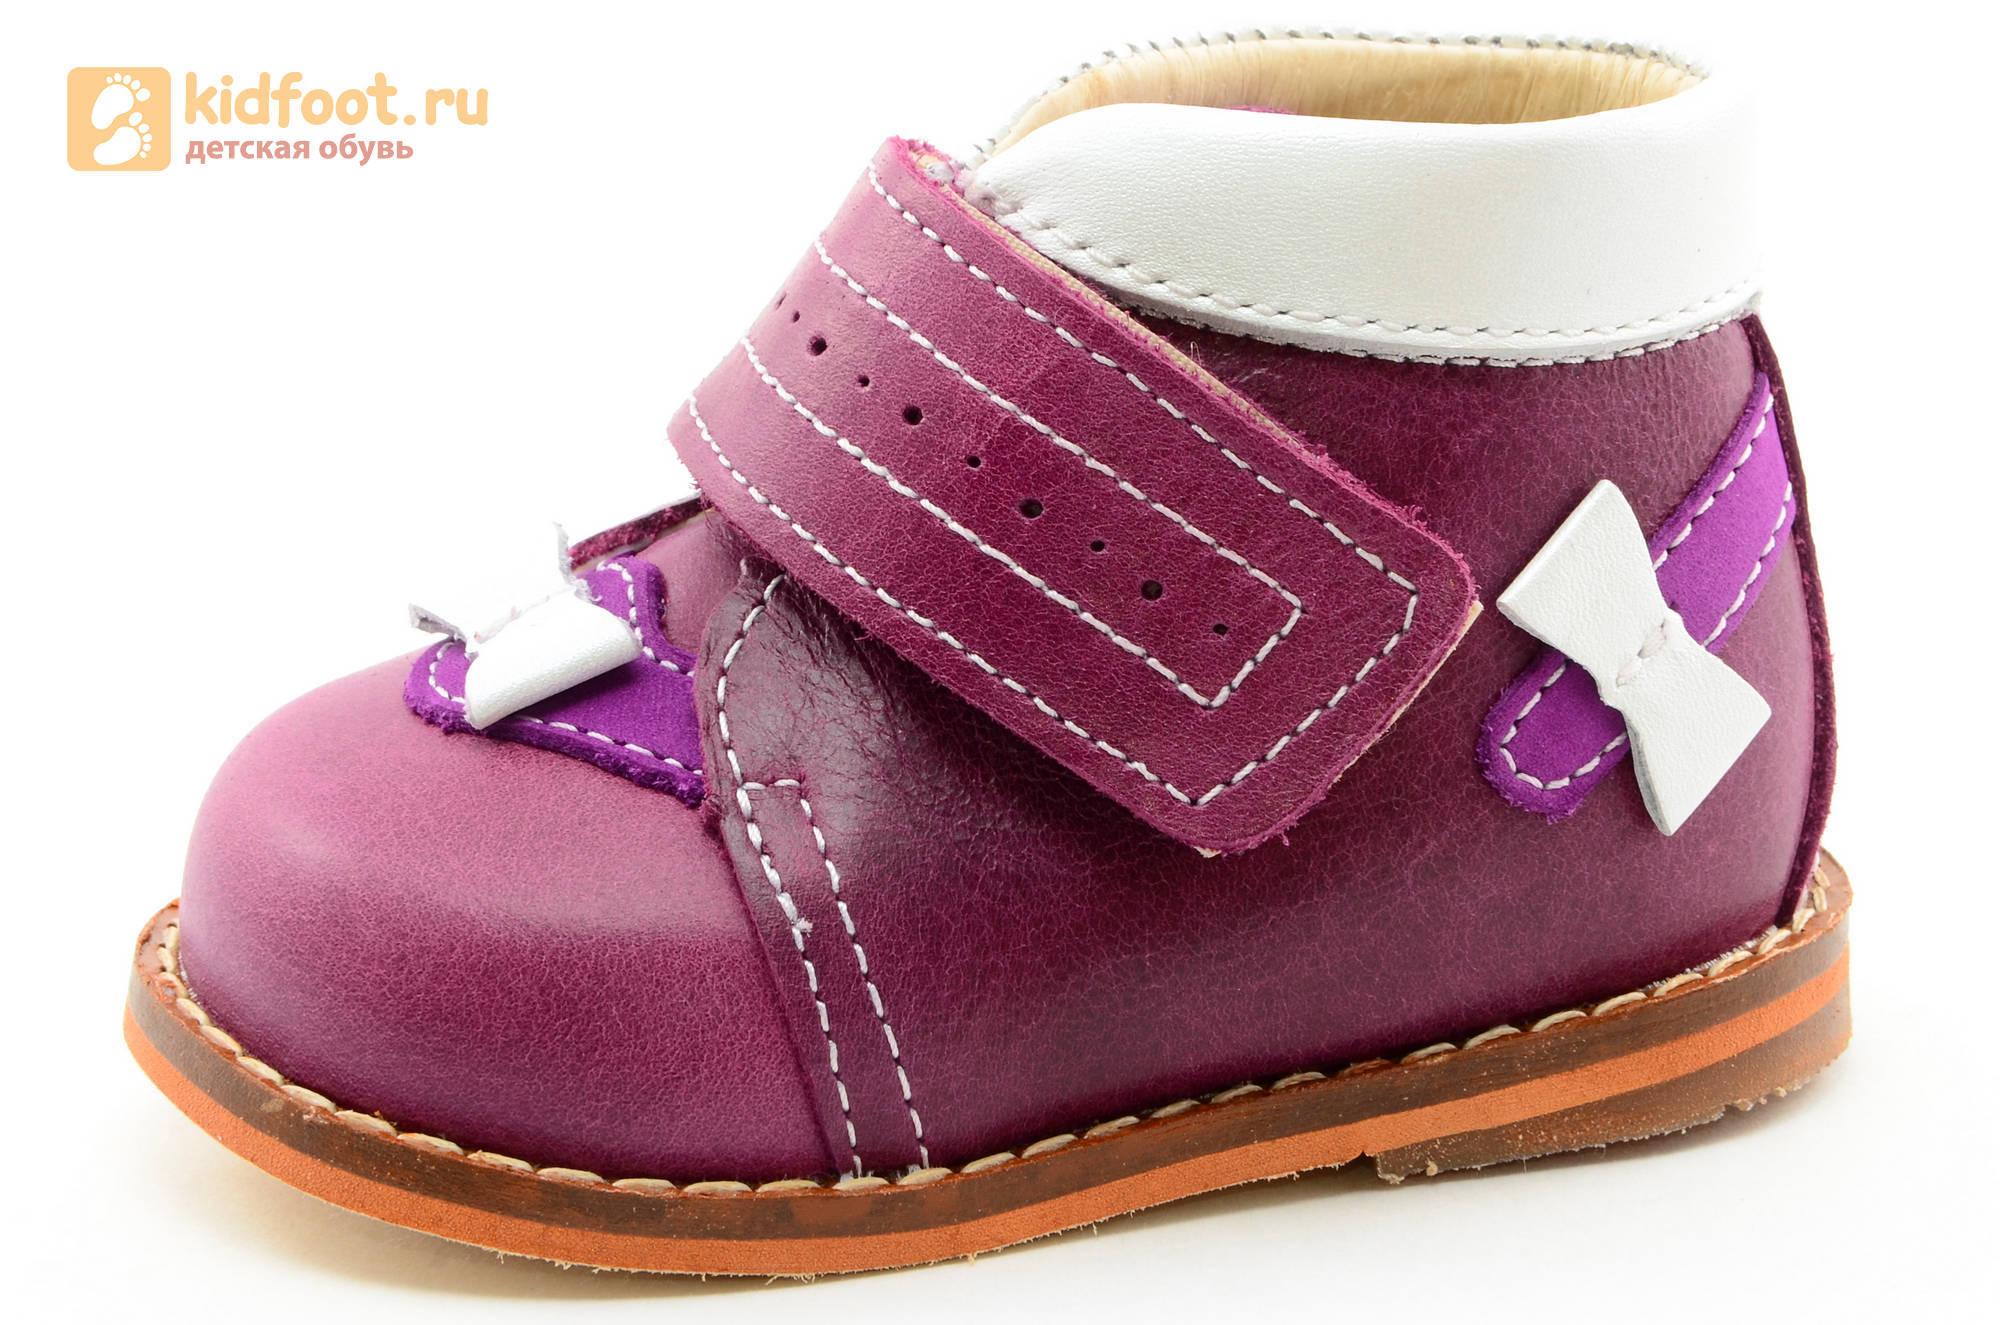 Ботинки для девочек Тотто из натуральной кожи на липучке цвет Сирень, 013A